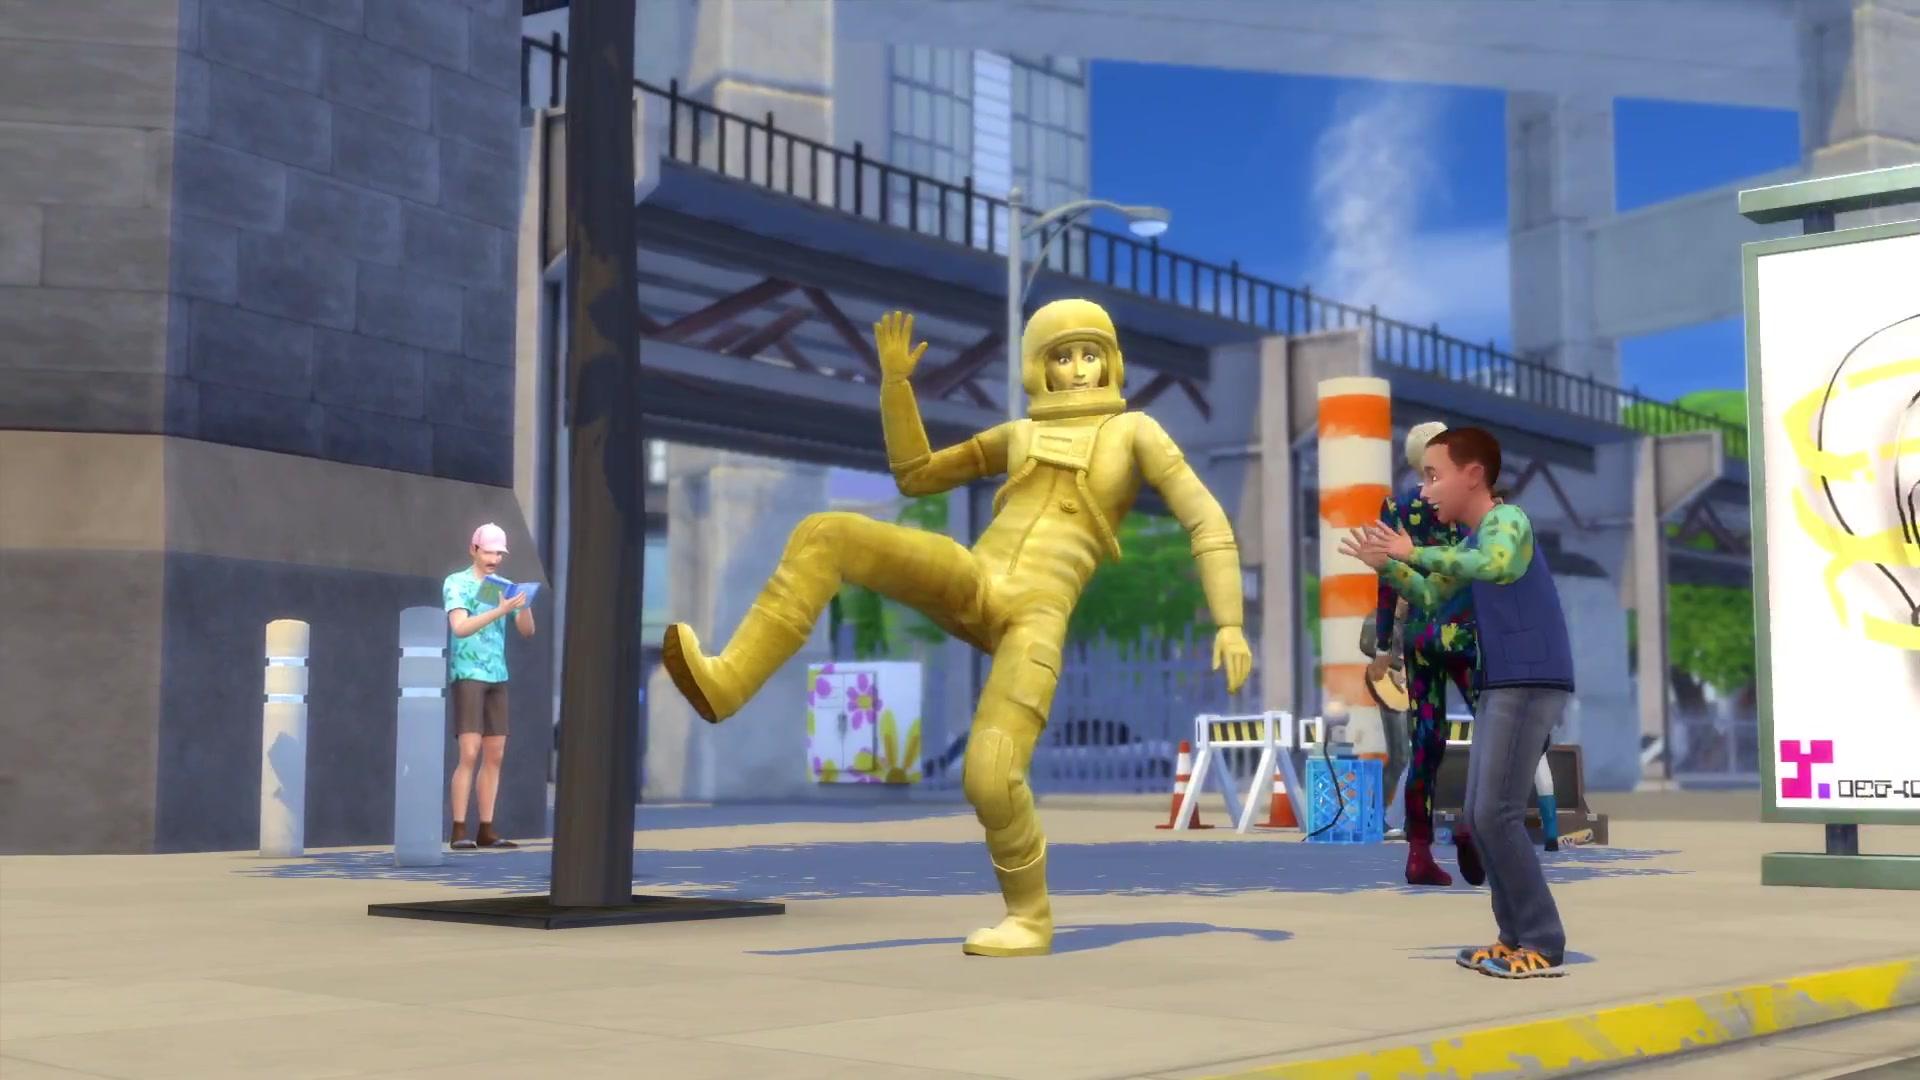 Výsledek obrázku pro the sims 4 city living gold statue